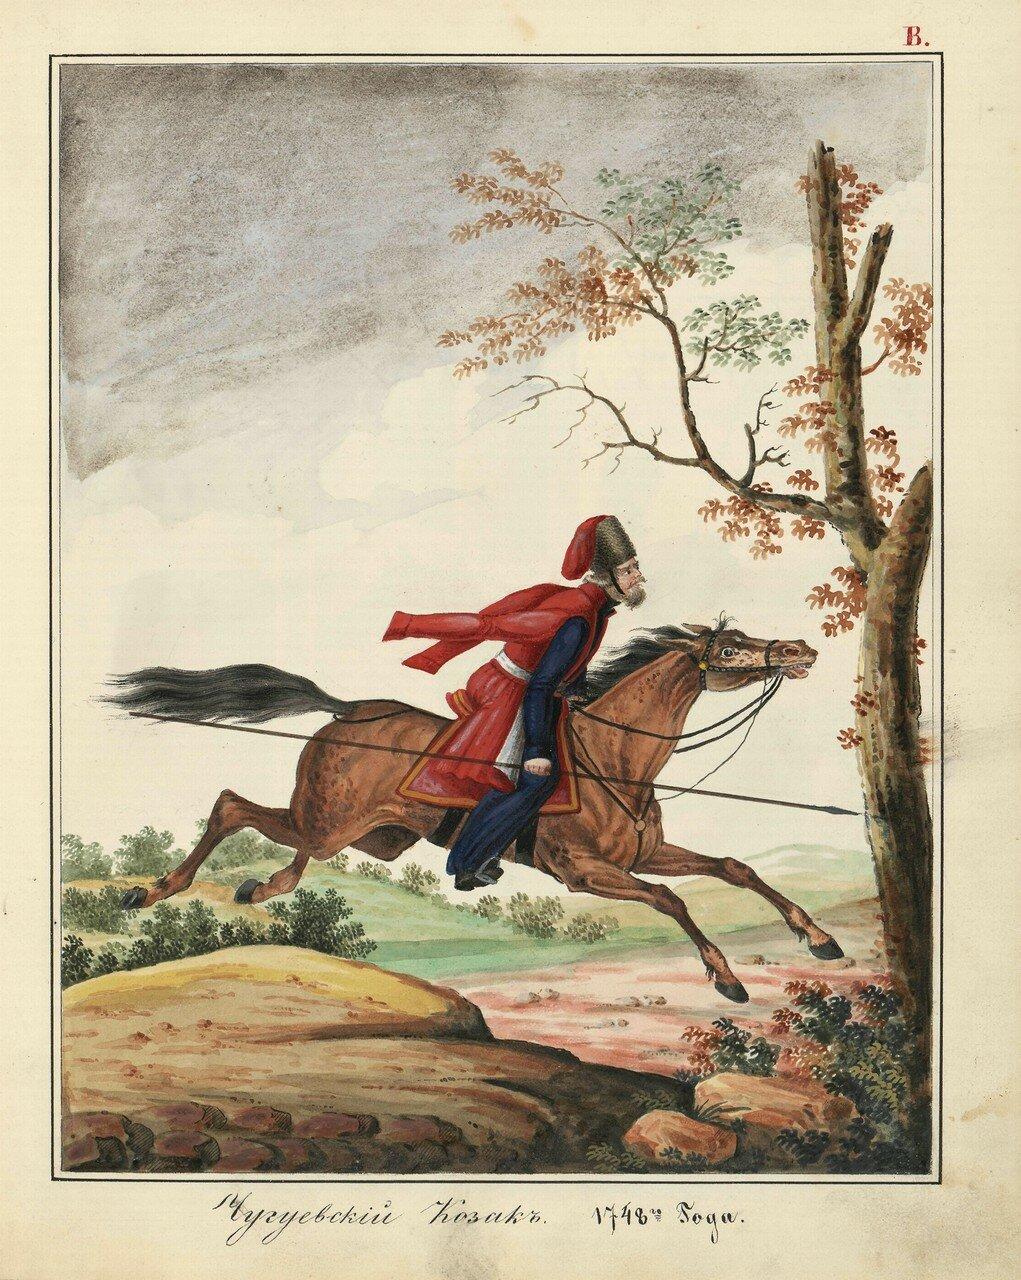 Чугуевский казак, 1740